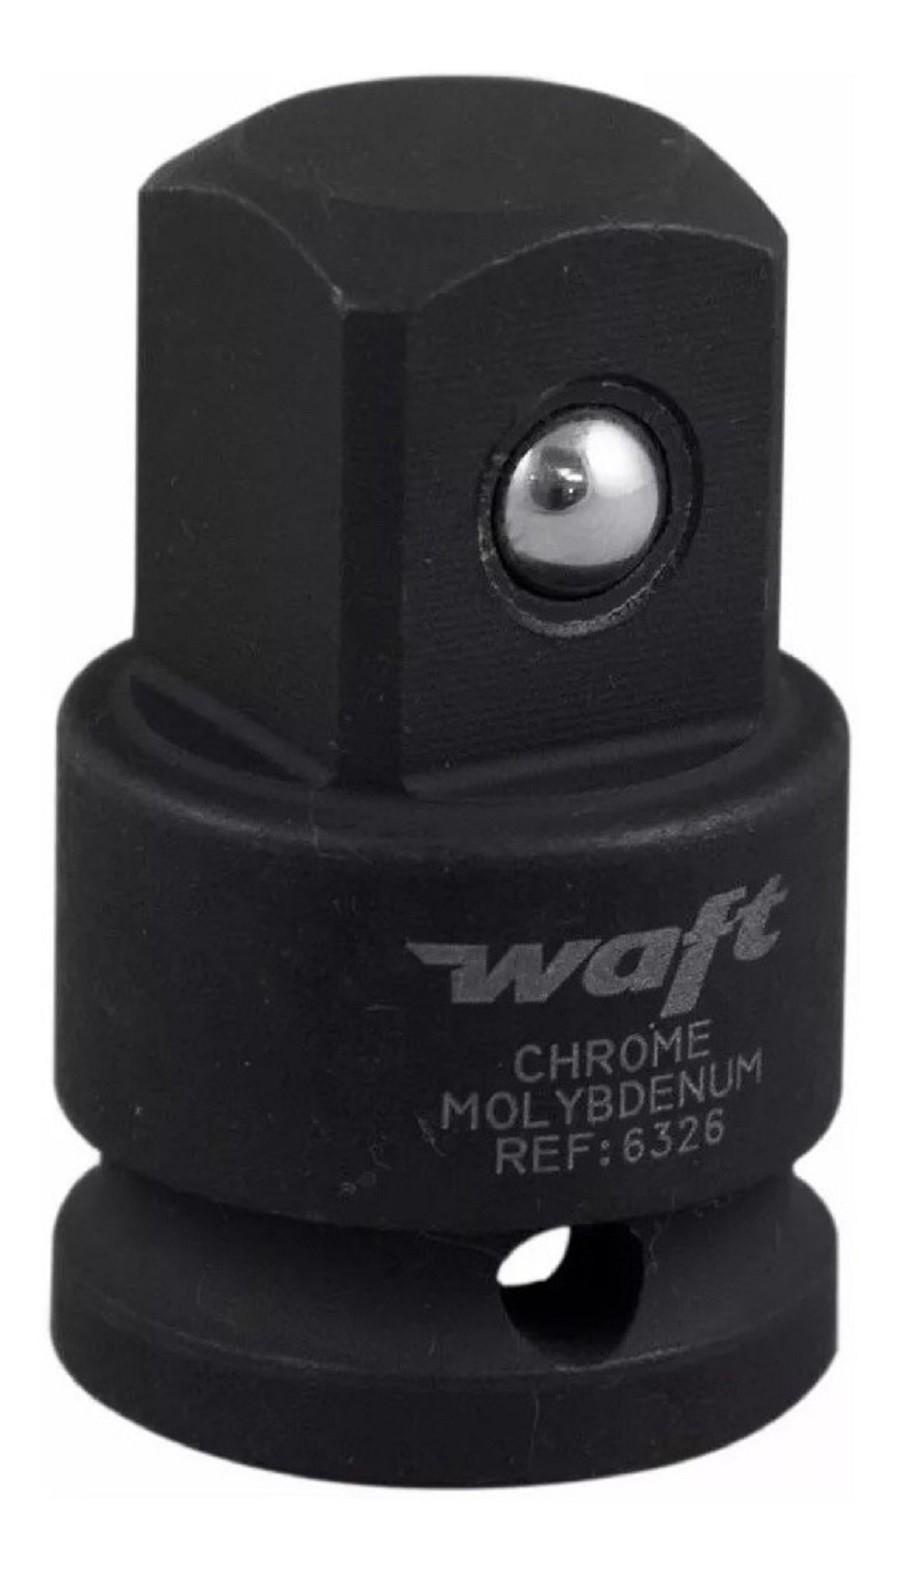 Adaptador Para Soquete Redução De Impacto 1/2F X 3/4M Waft 6326  - Rea Comércio - Sua Loja Completa!